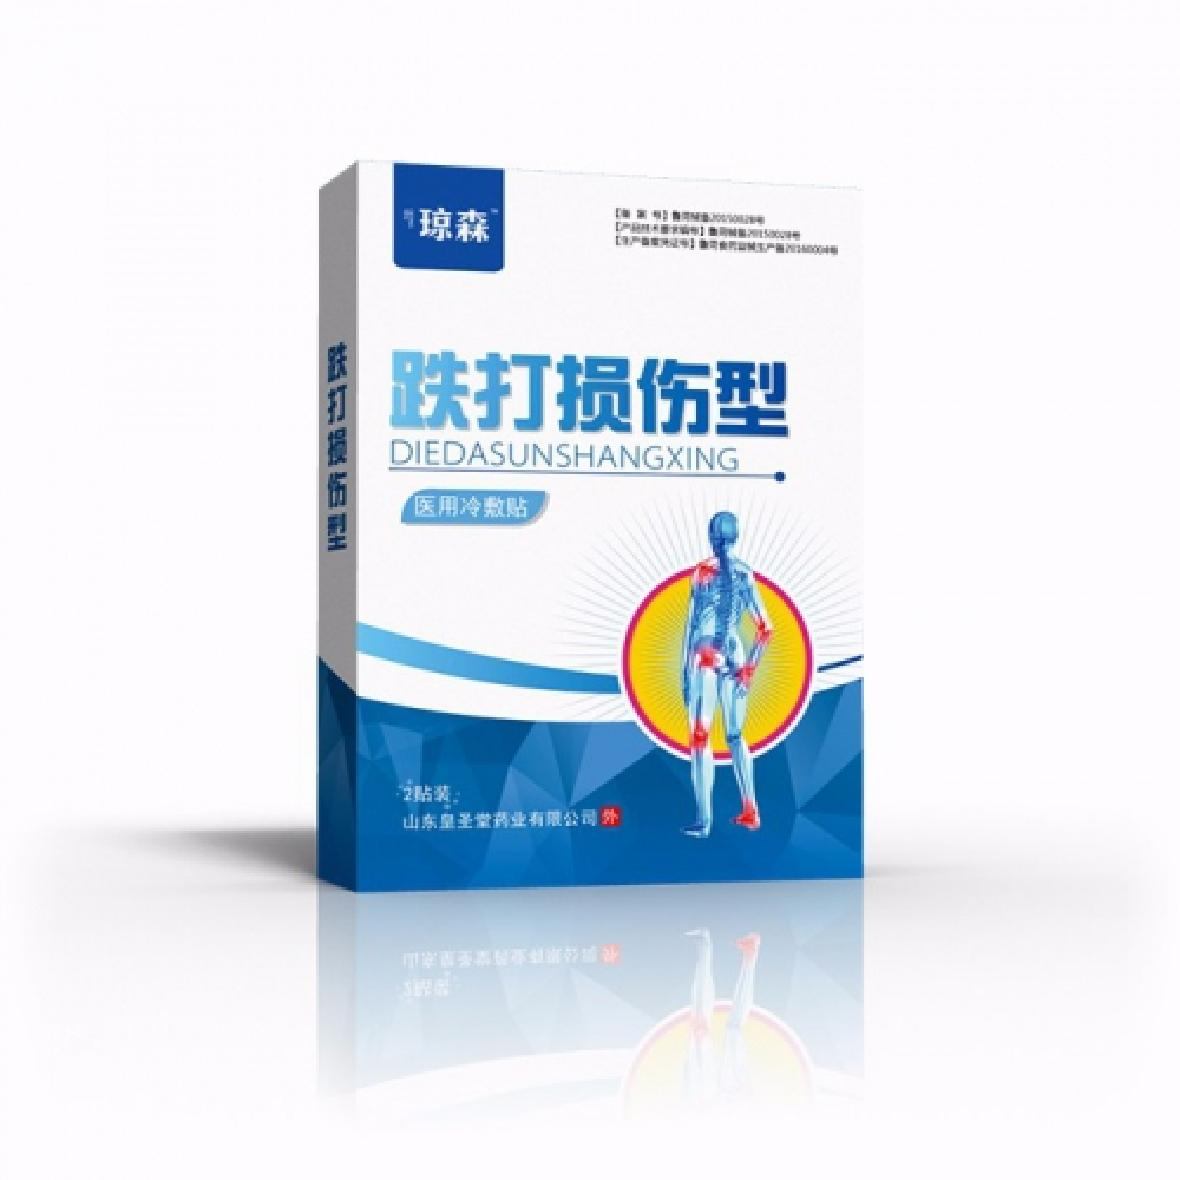 醫用冷敷貼(損傷型、骨痛型、頸肩型、肩痛型、腰腿型)